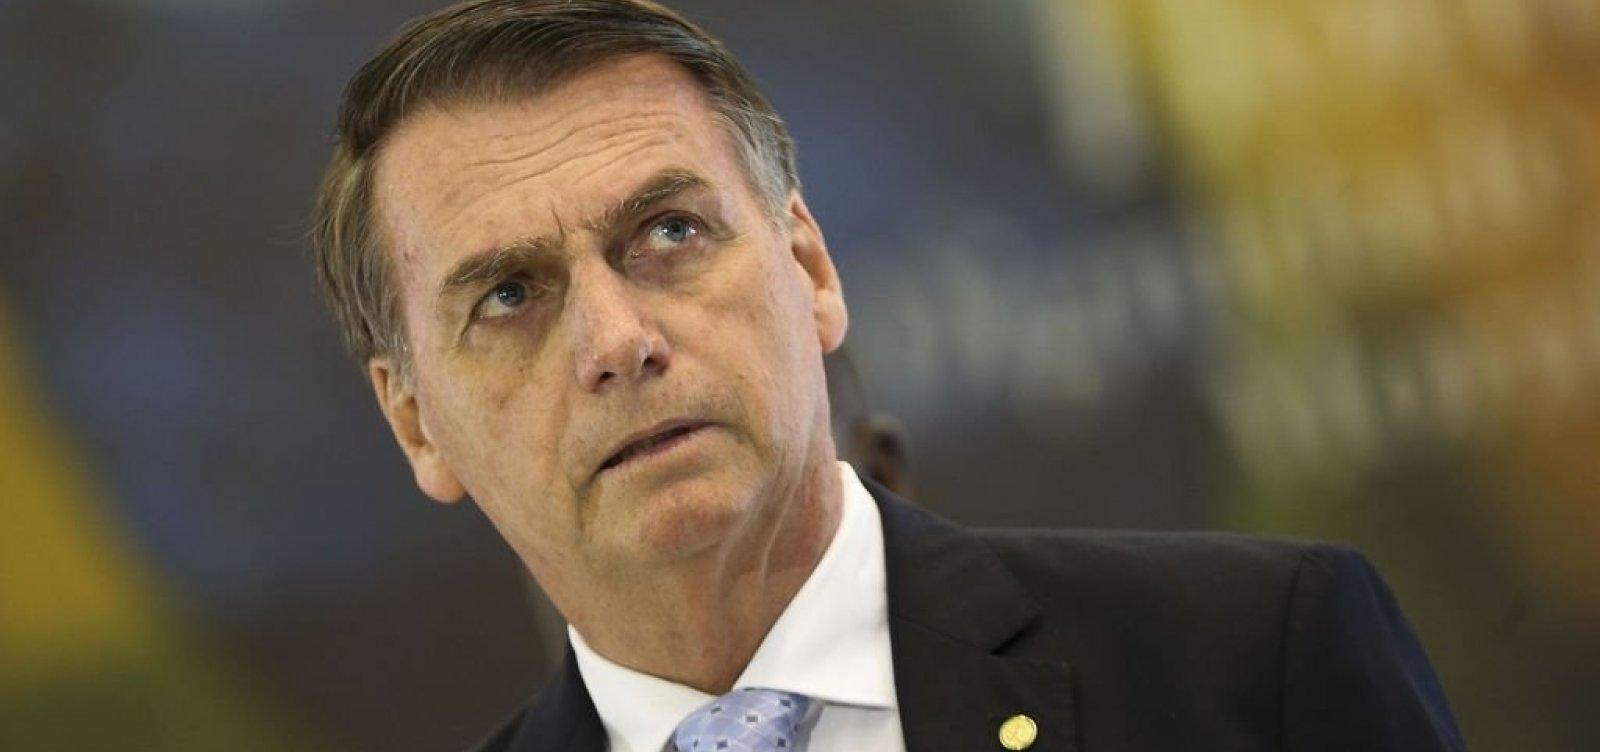 [Bancada evangélica pressiona Bolsonaro a mudar planos para ministérios]